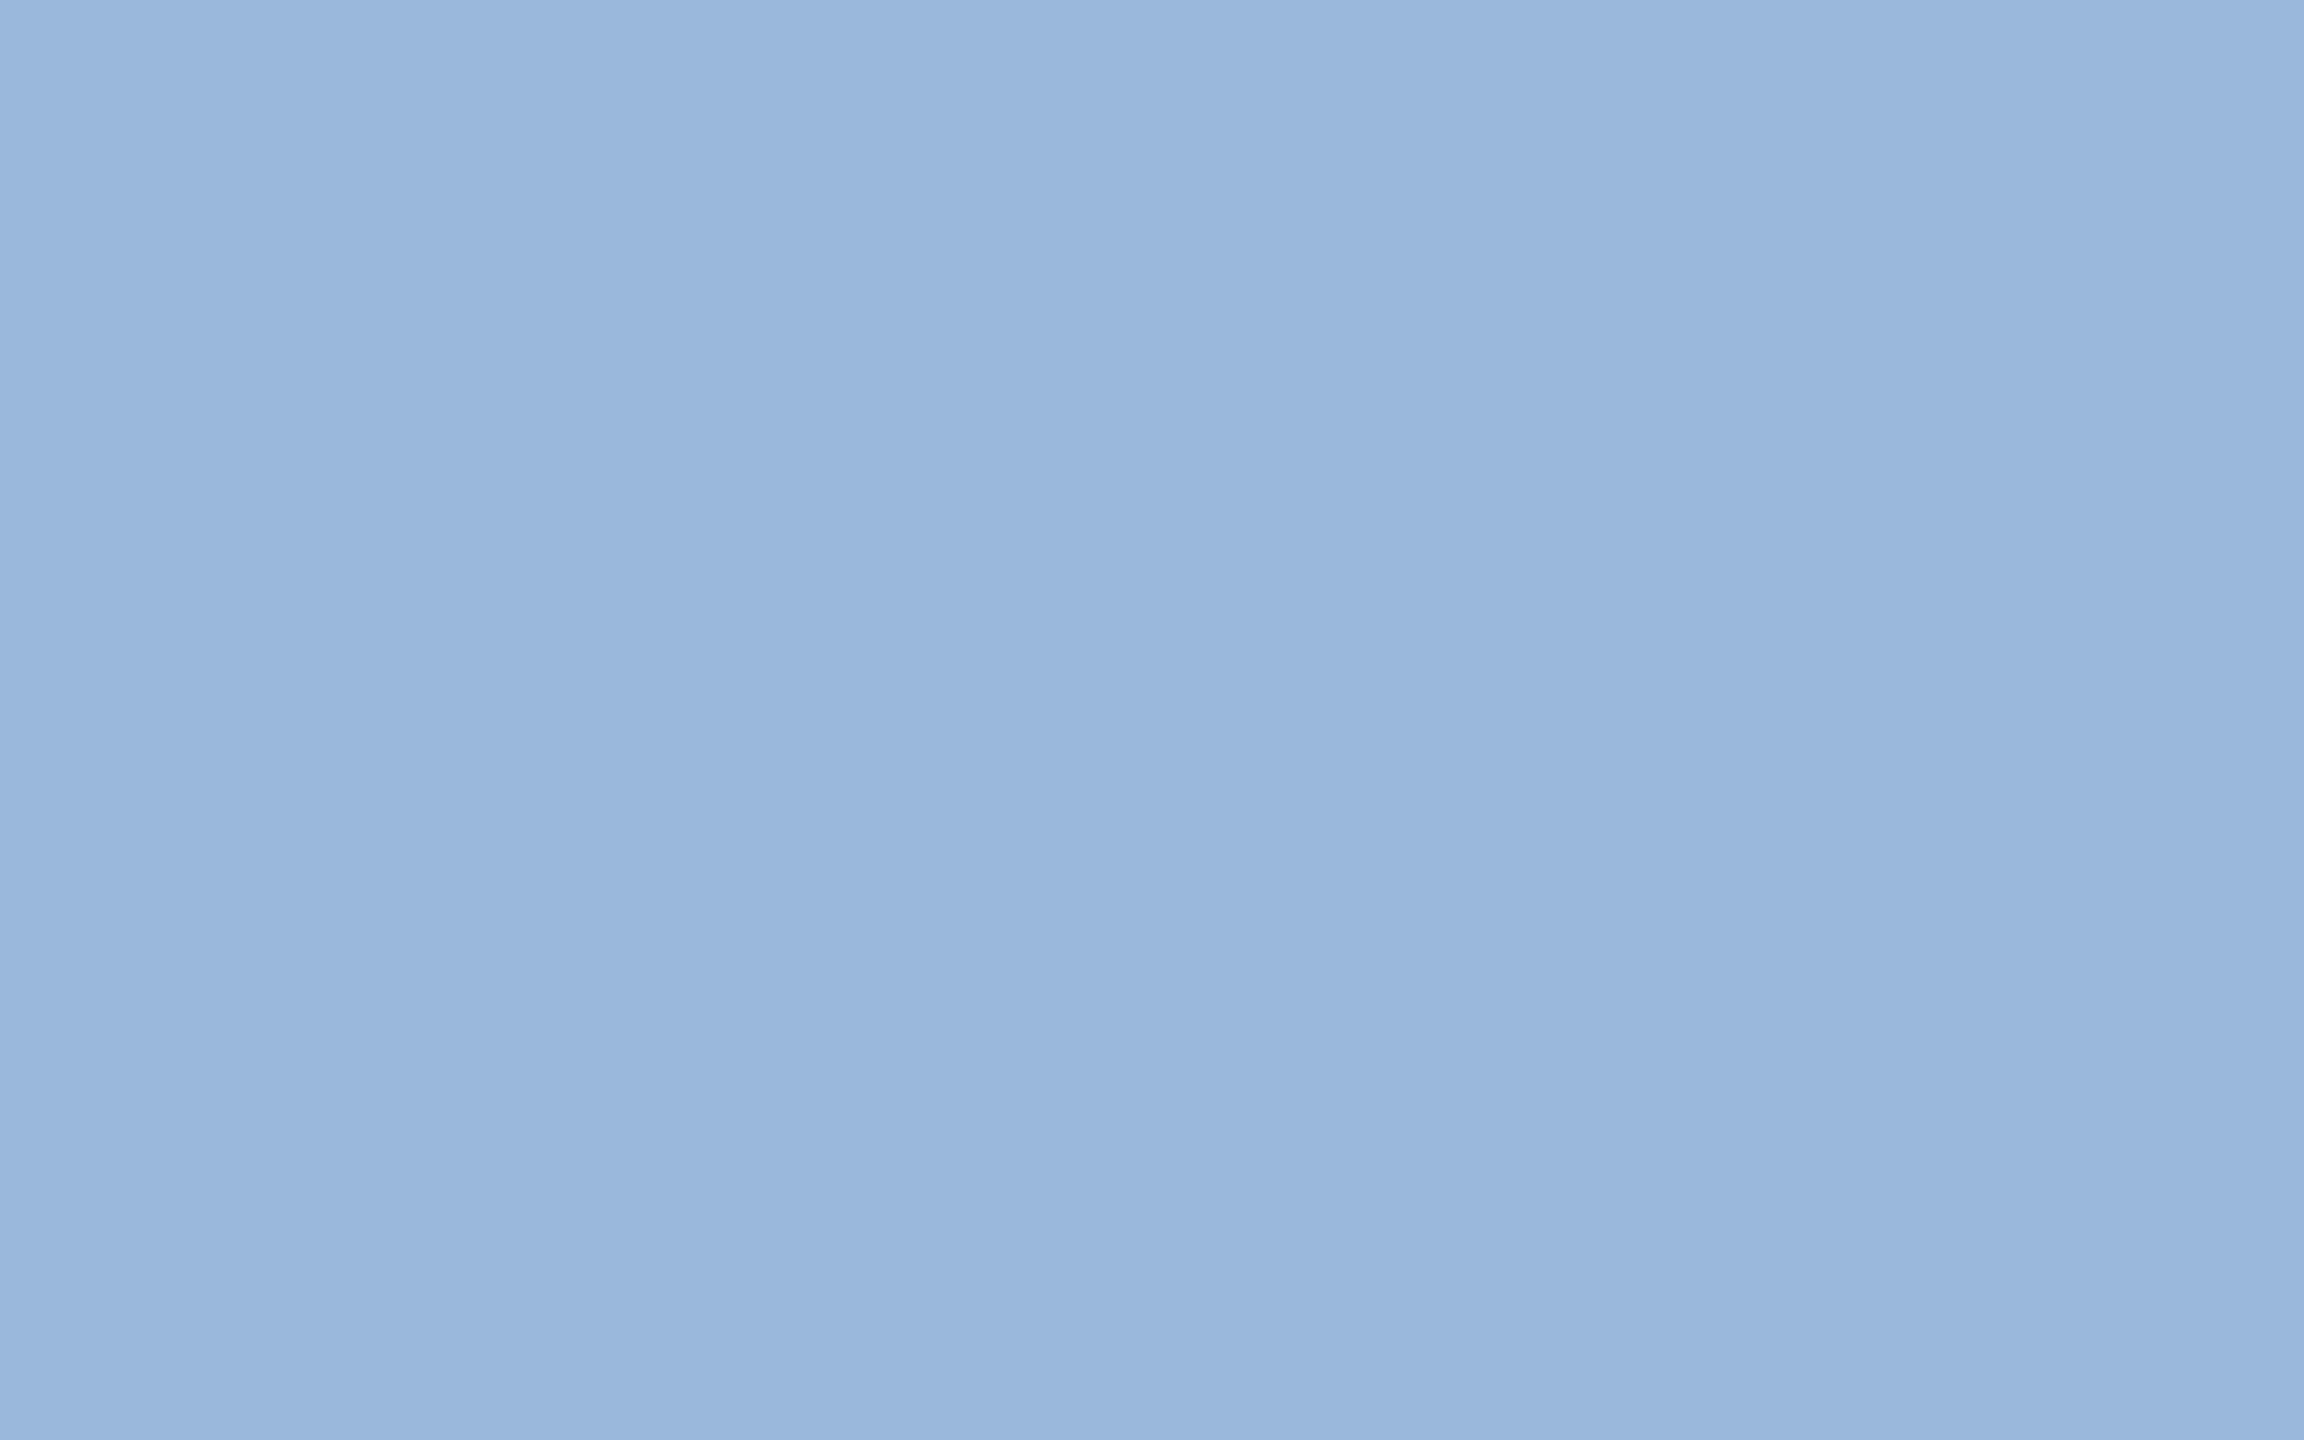 2304x1440 Carolina Blue Solid Color Background